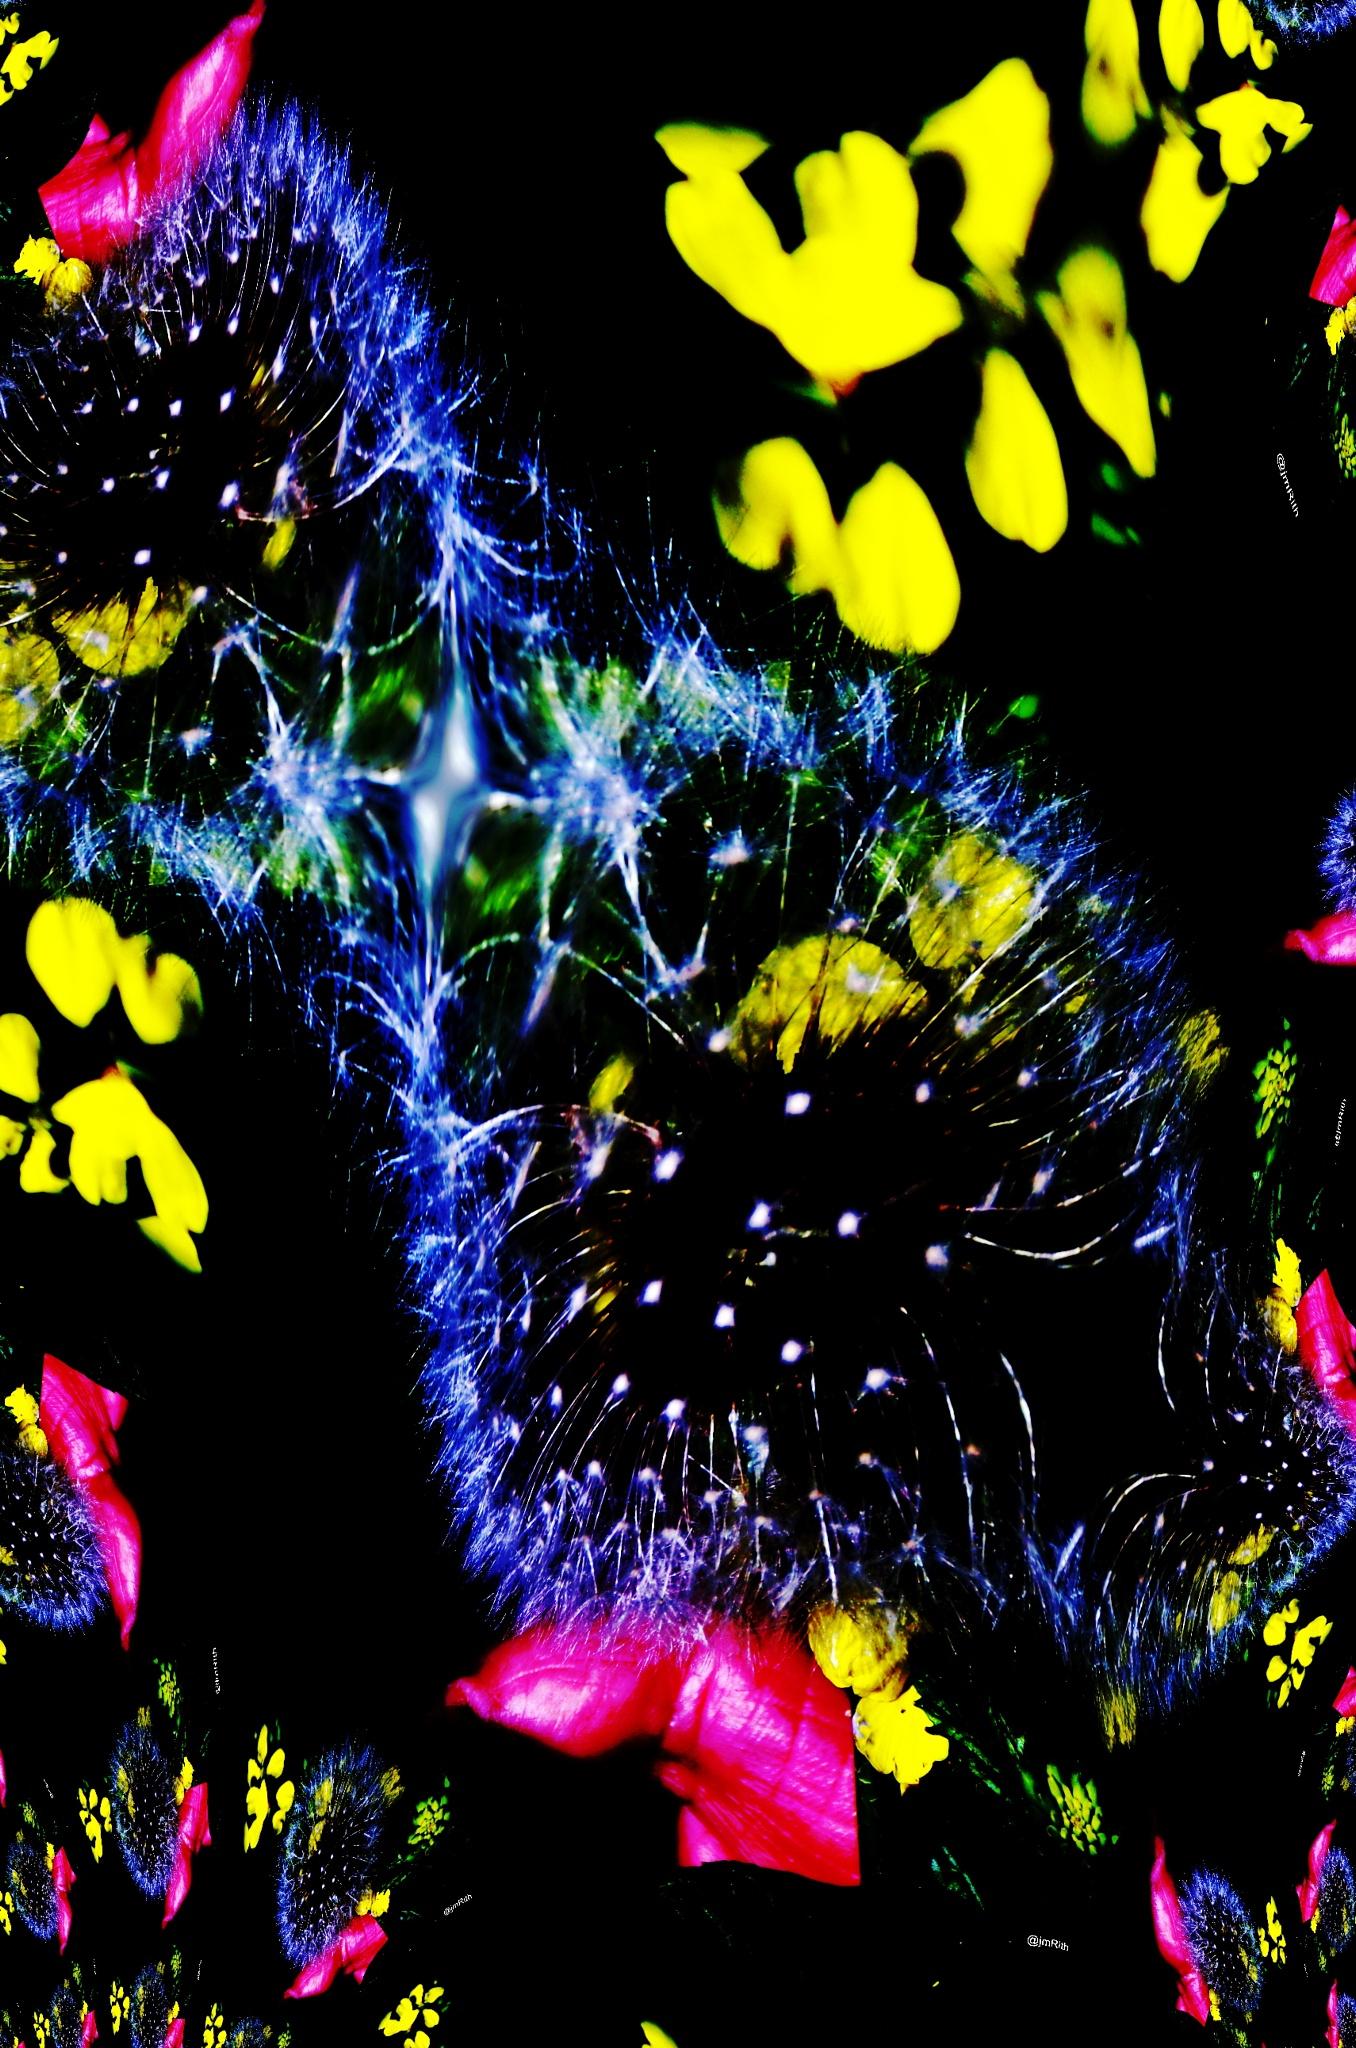 Fleur de pissenlit Astract fractale by Jmrith